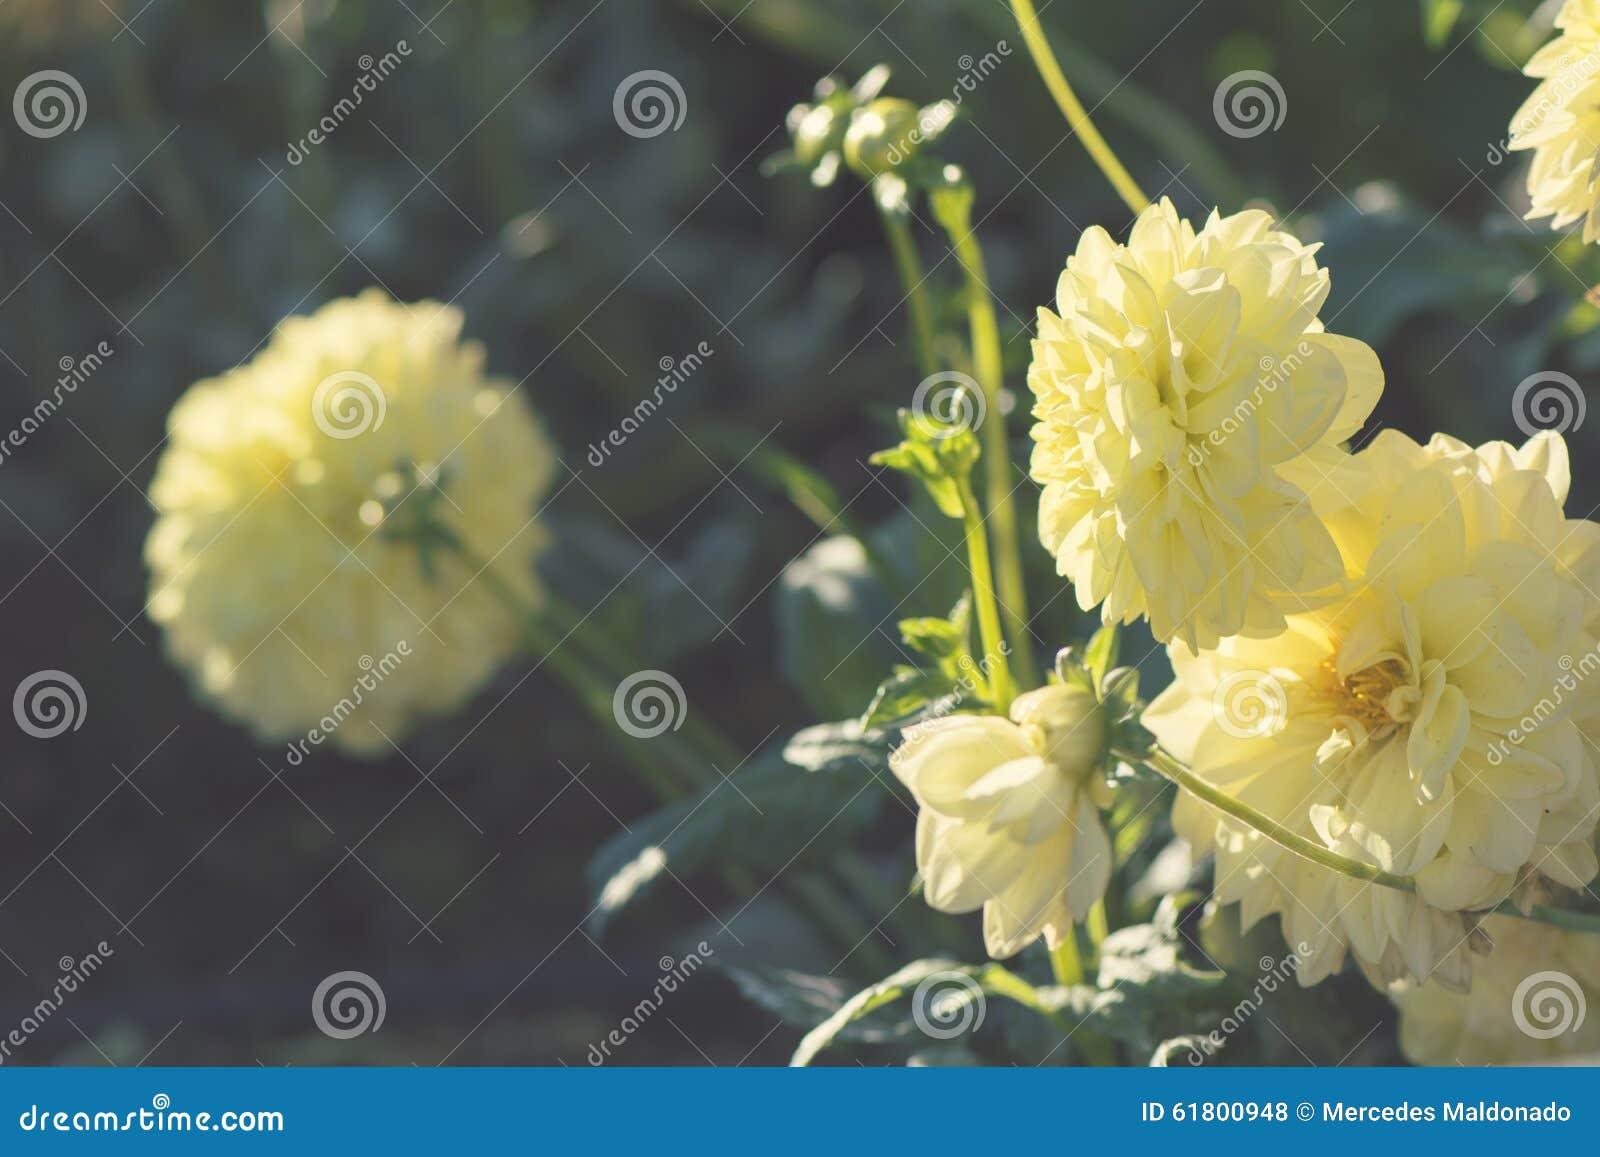 dahlia jaune de fleur avec le fond vert de feuille photo stock